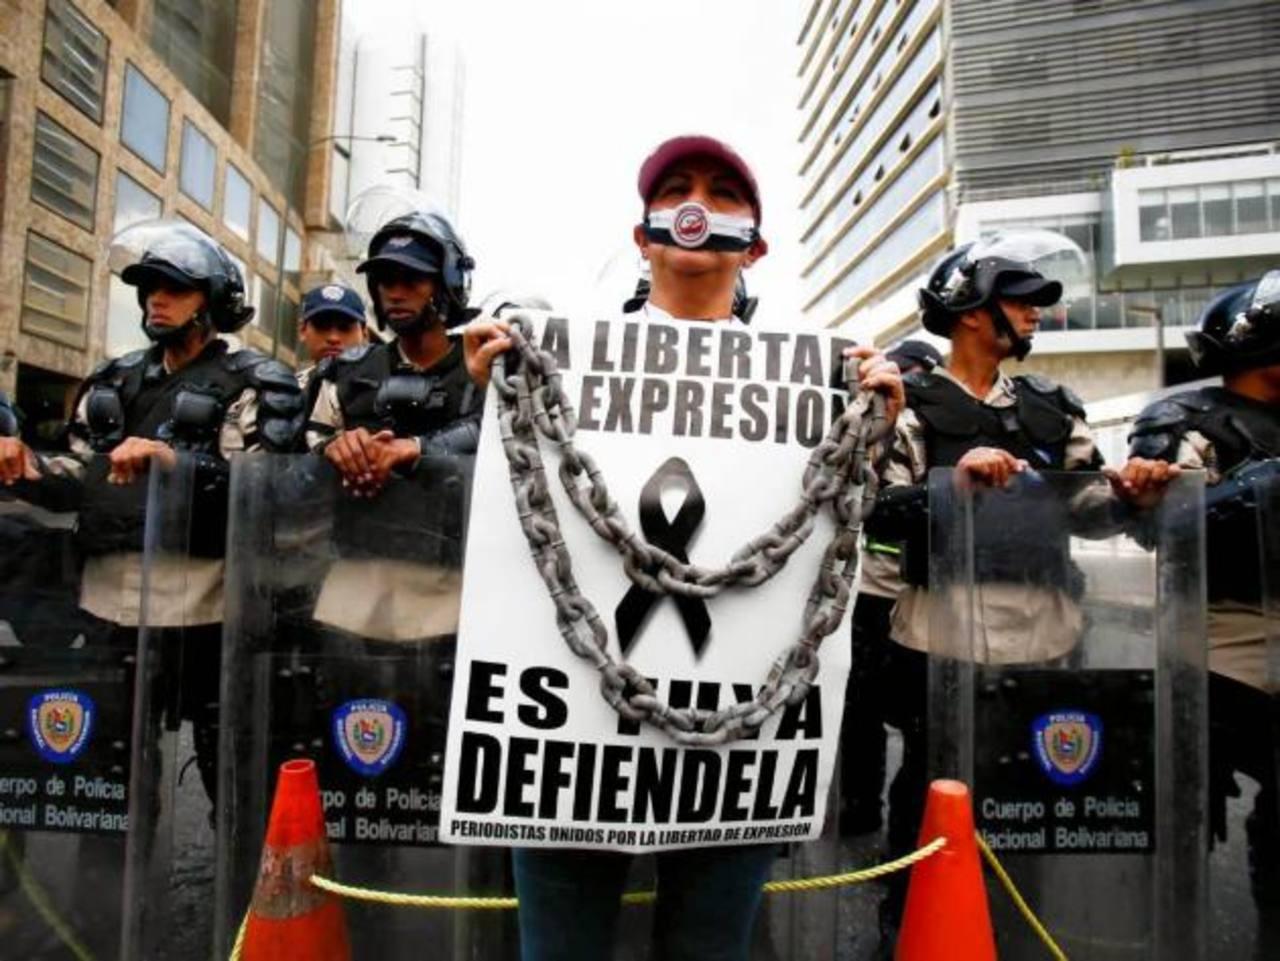 La libertad de prensa mostró un deterioro global en 2014, según un informe publicado por la organización internacional Reporteros Sin Fronteras. foto edh / archivo